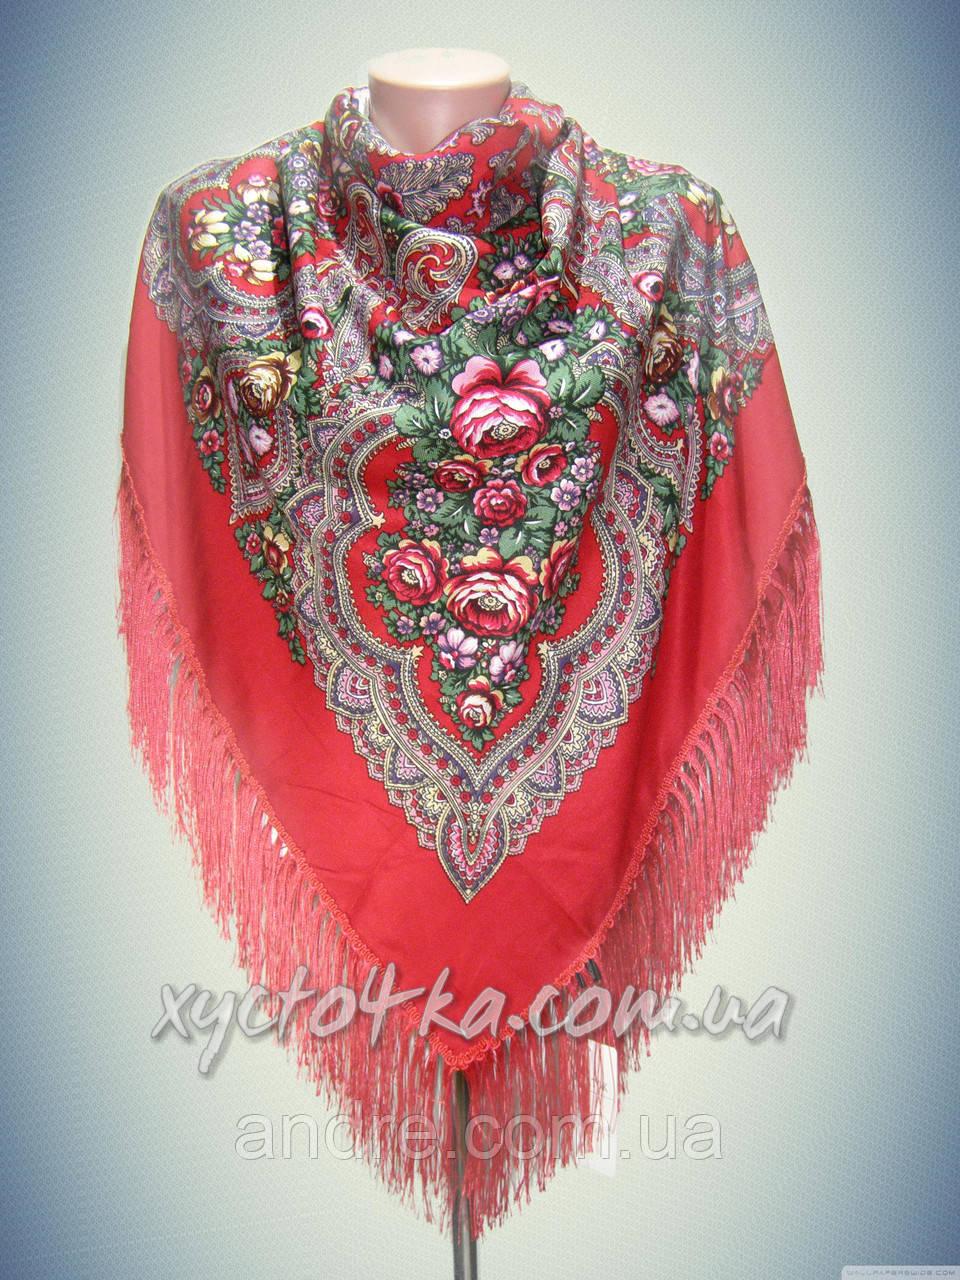 Шерстяной платок с пышной бахромой дыхание лета, красный 120см